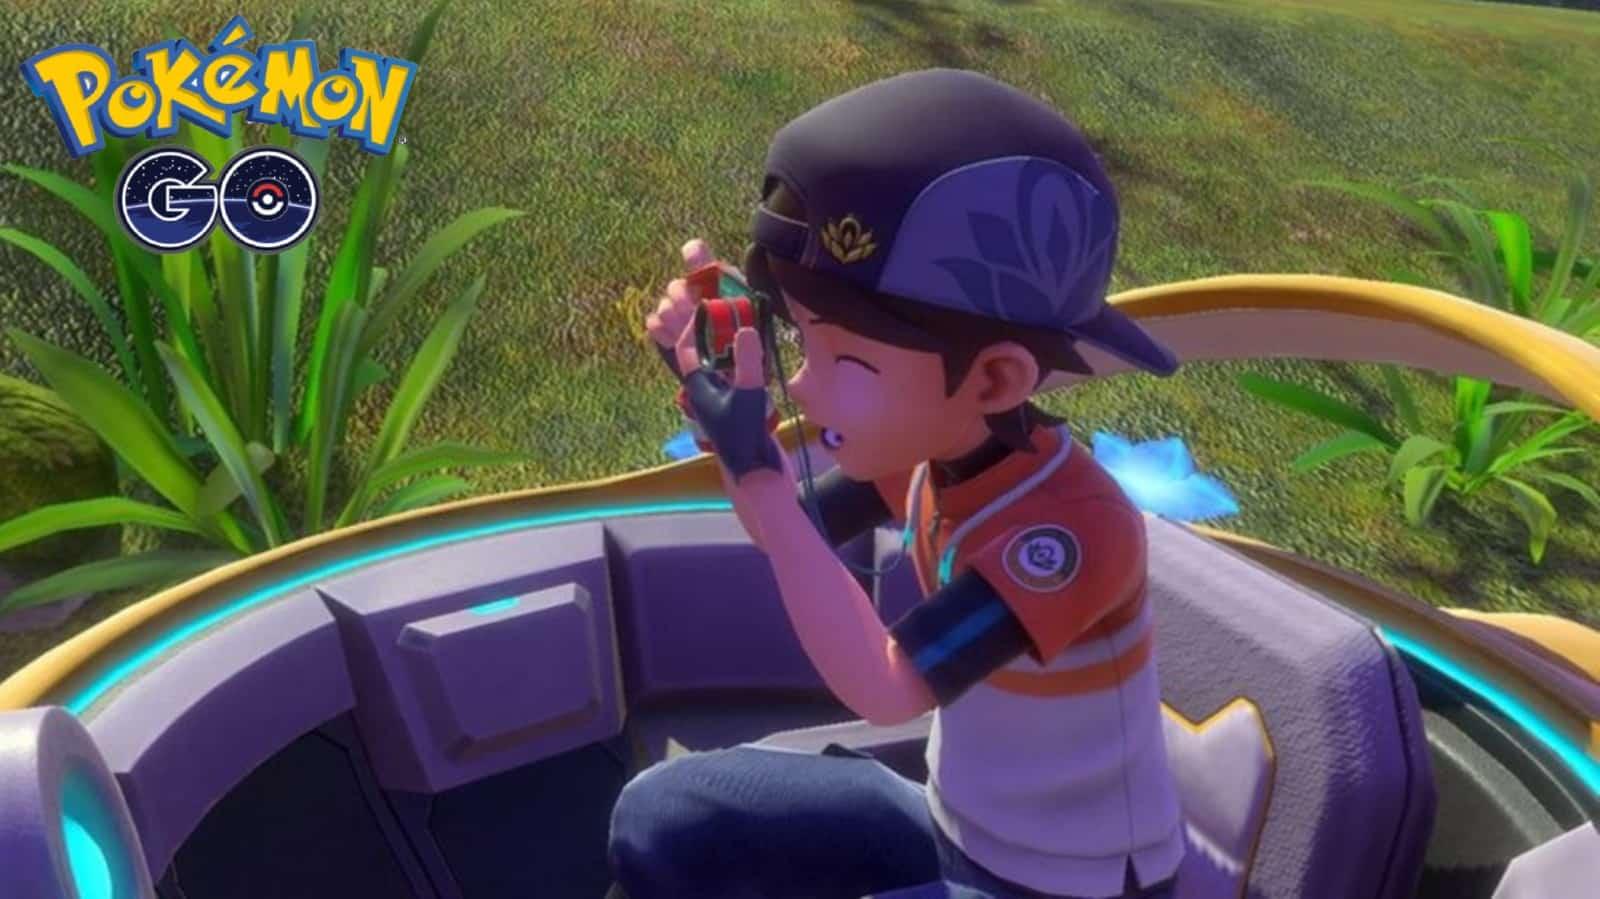 Pokemon Go Snap Event